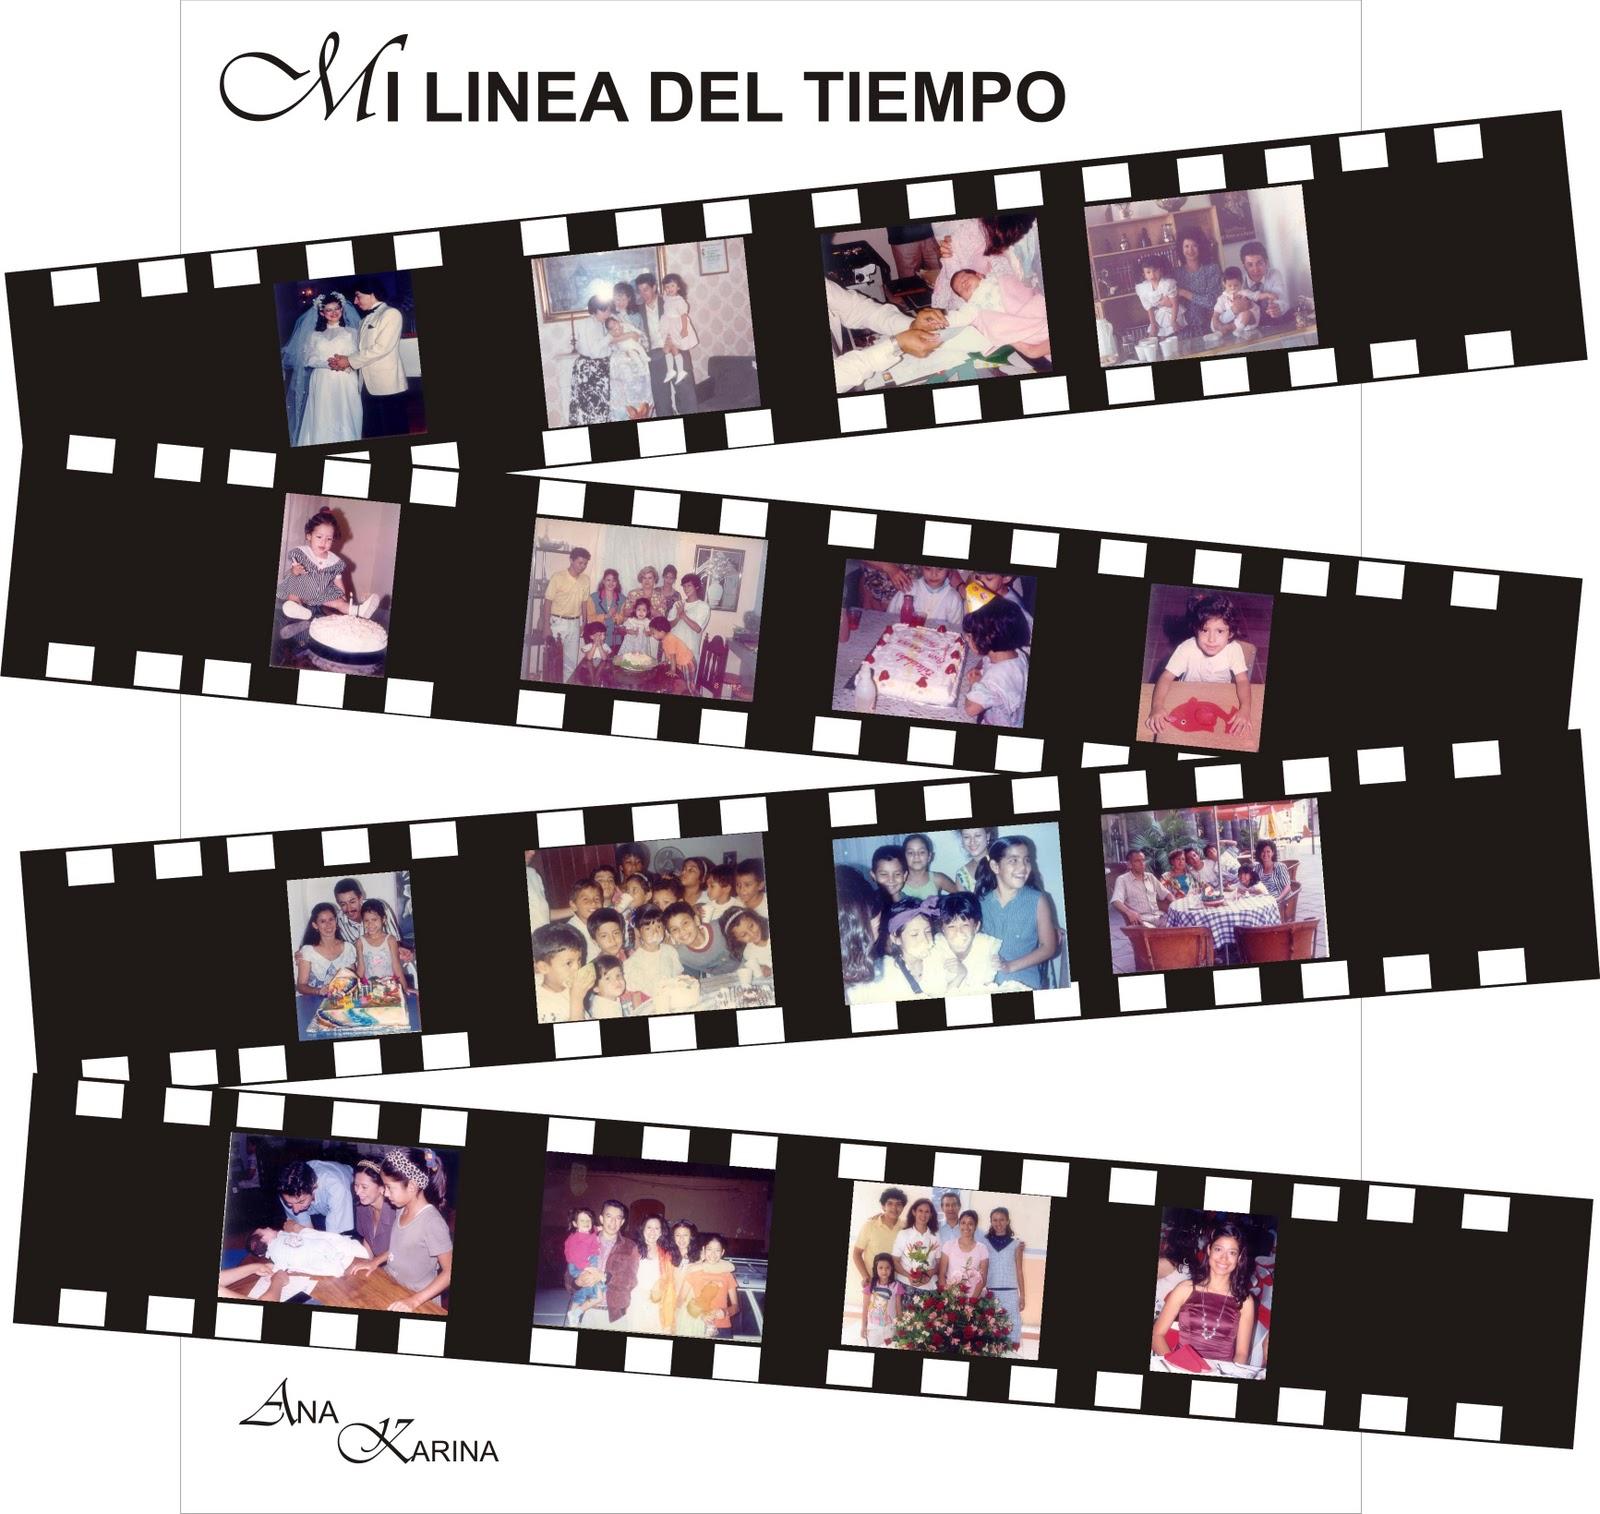 Linea Del Tiempo Editar - newhairstylesformen2014.com